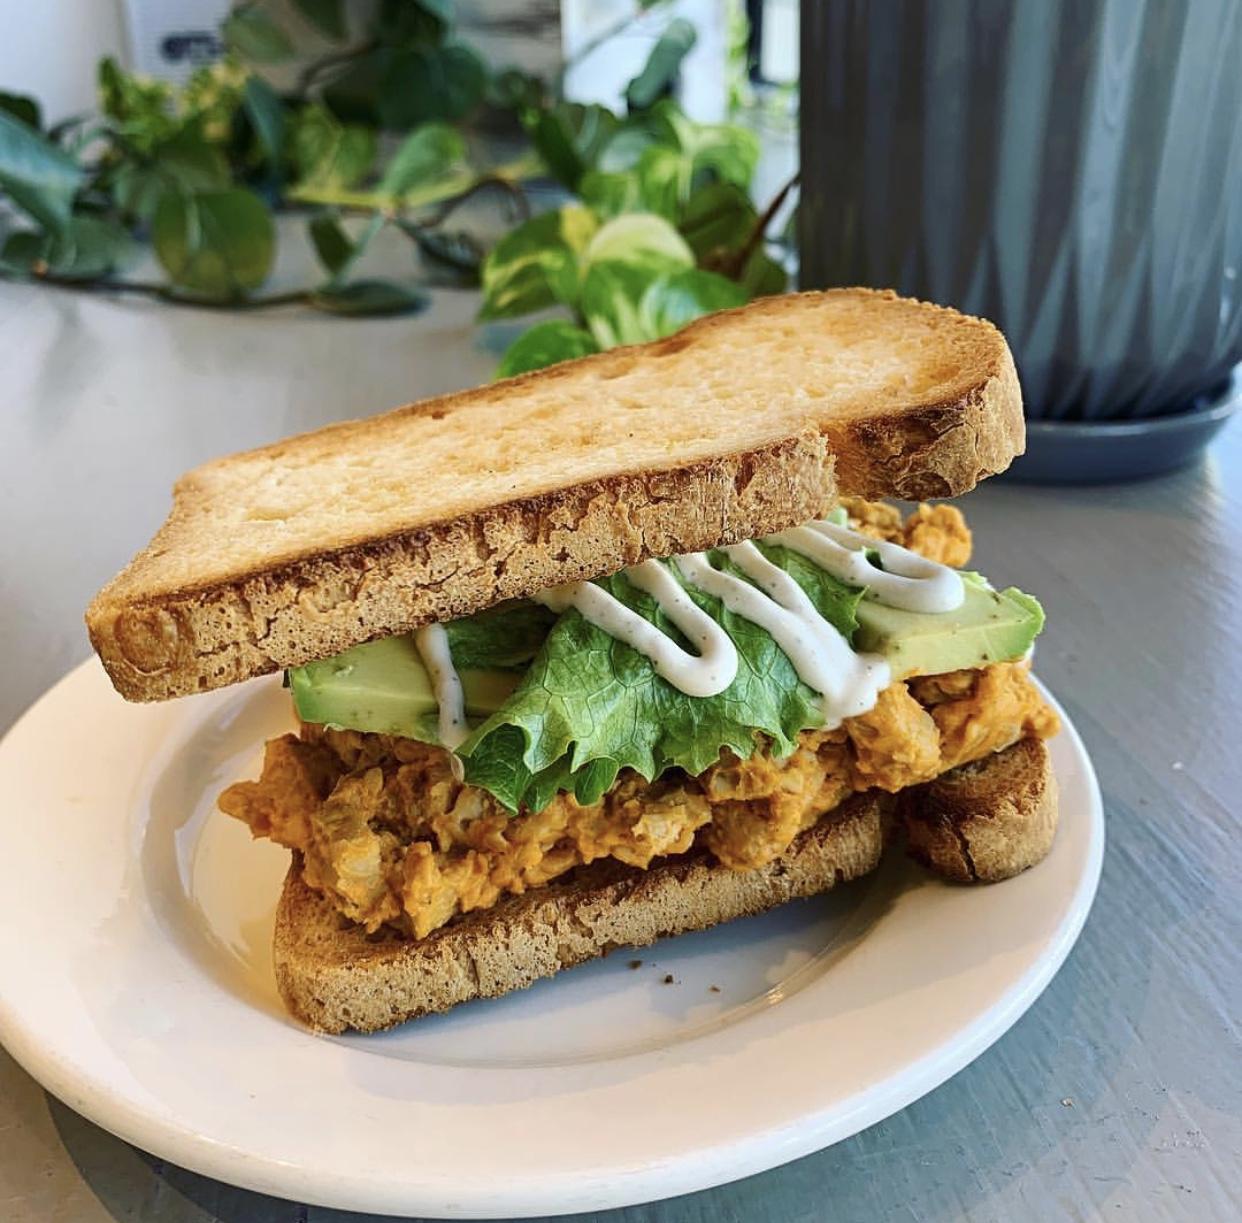 Buffalo Tempeh Sandwich w/ Avocado & Cashew Ranch on Gluten Free Bread